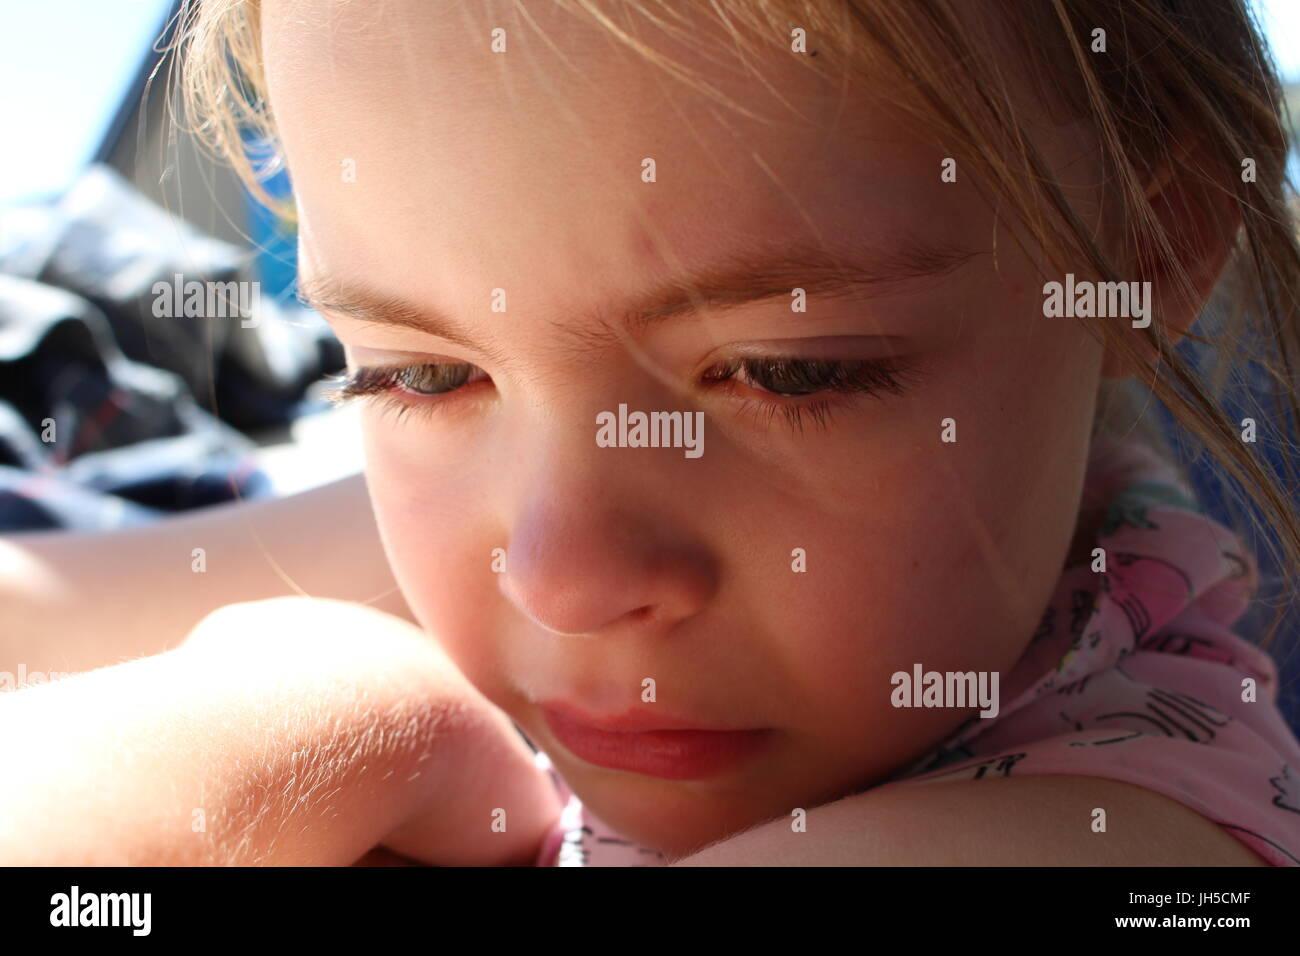 girl crying, little girl crying, upset little girl, sad little girl, sad child, crying child, upset child, sad kid, - Stock Image